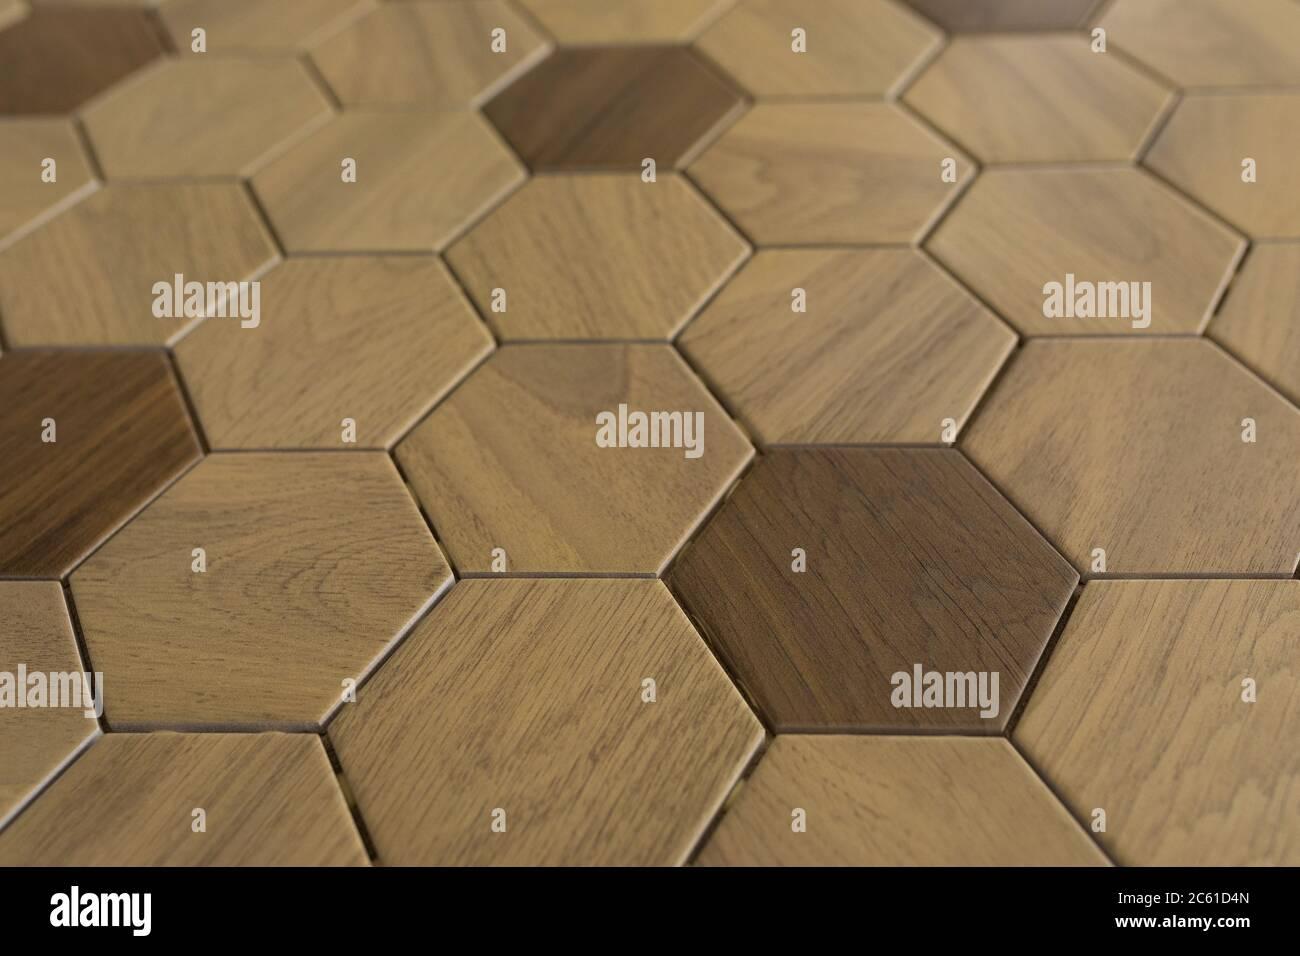 azulejos de cerámica con patrones de mosaico de diferentes colores primer plano, protector de pantalla de escritorio Foto de stock